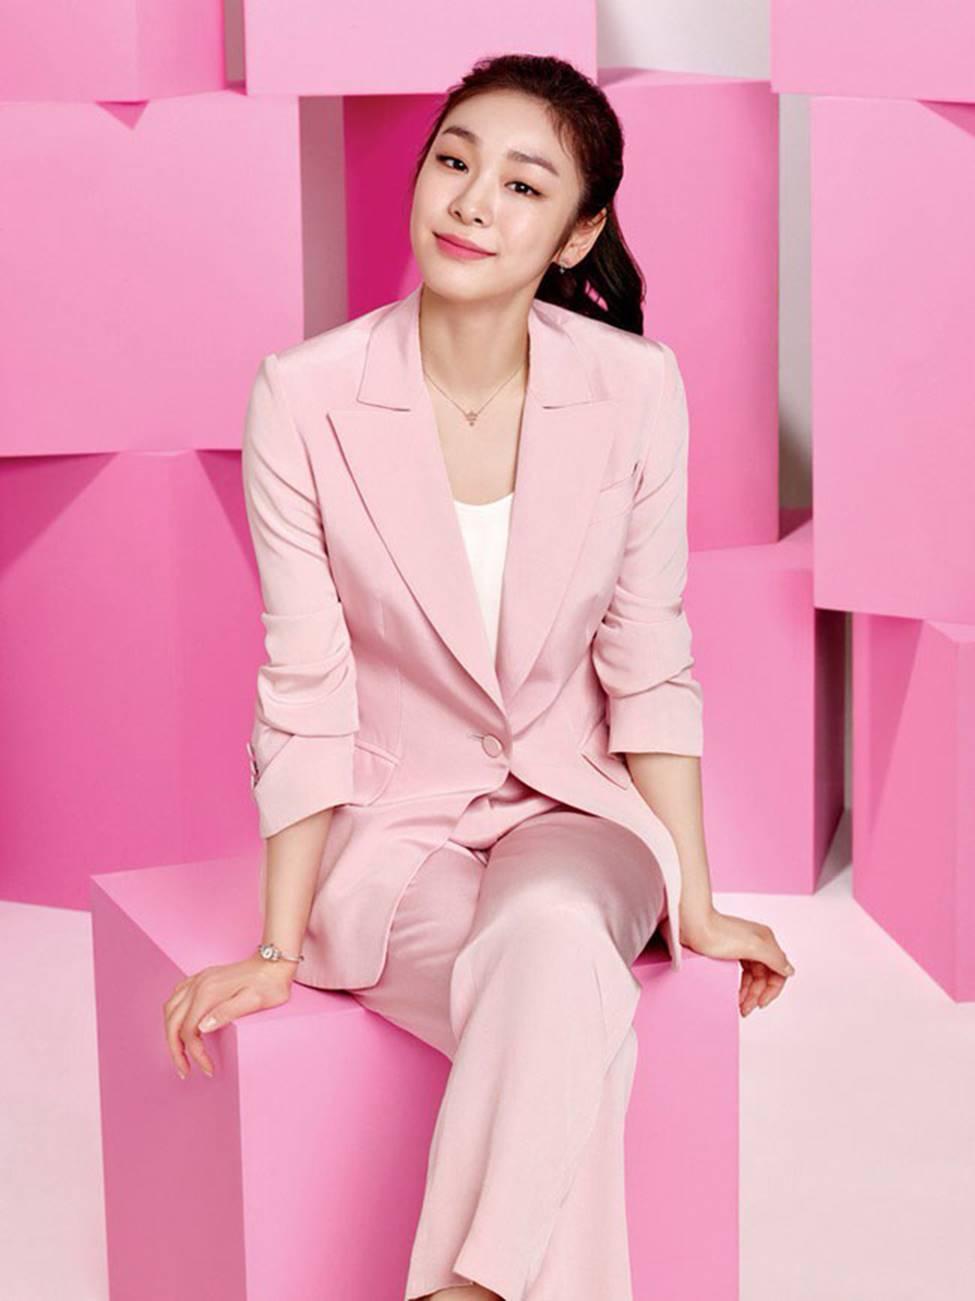 3 mỹ nhân đẹp - giỏi - giàu xứ Hàn làm gì để có dung nhan động lòng người?-12